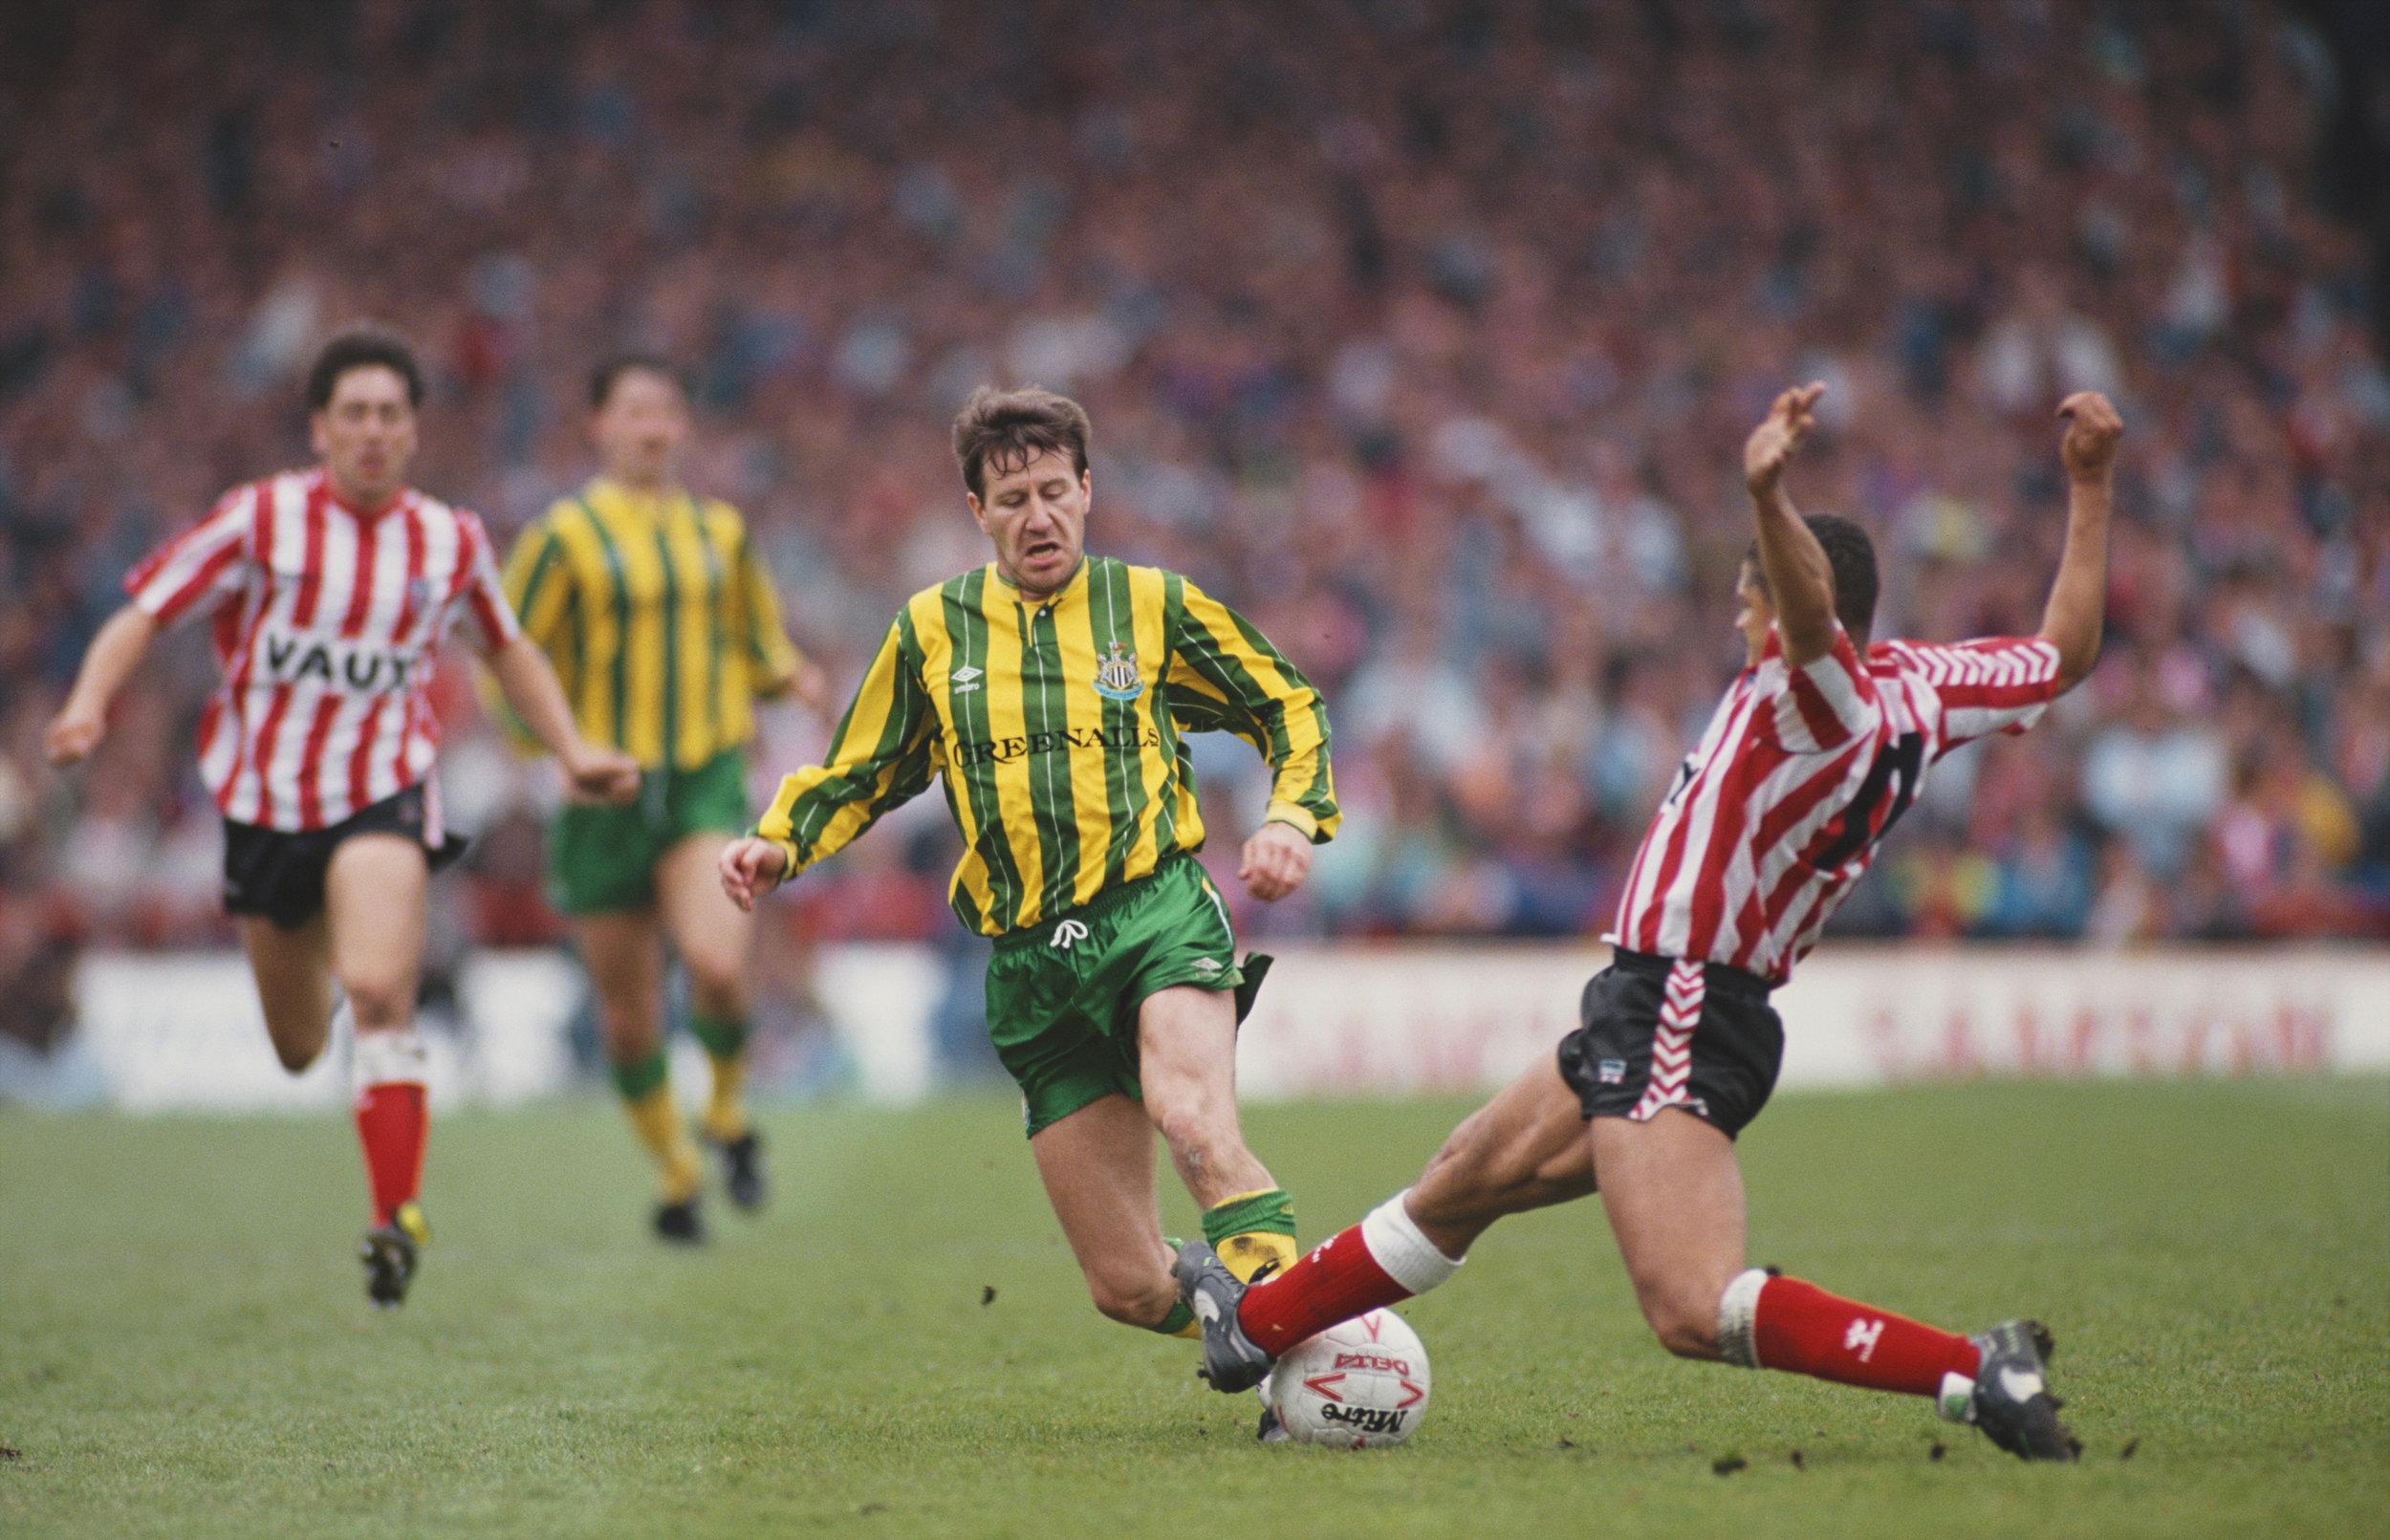 Kampsituation fra den legendariske Playoff-semifinale i 1990, som Sunderland vandt 2-0.   Foto: Getty Images